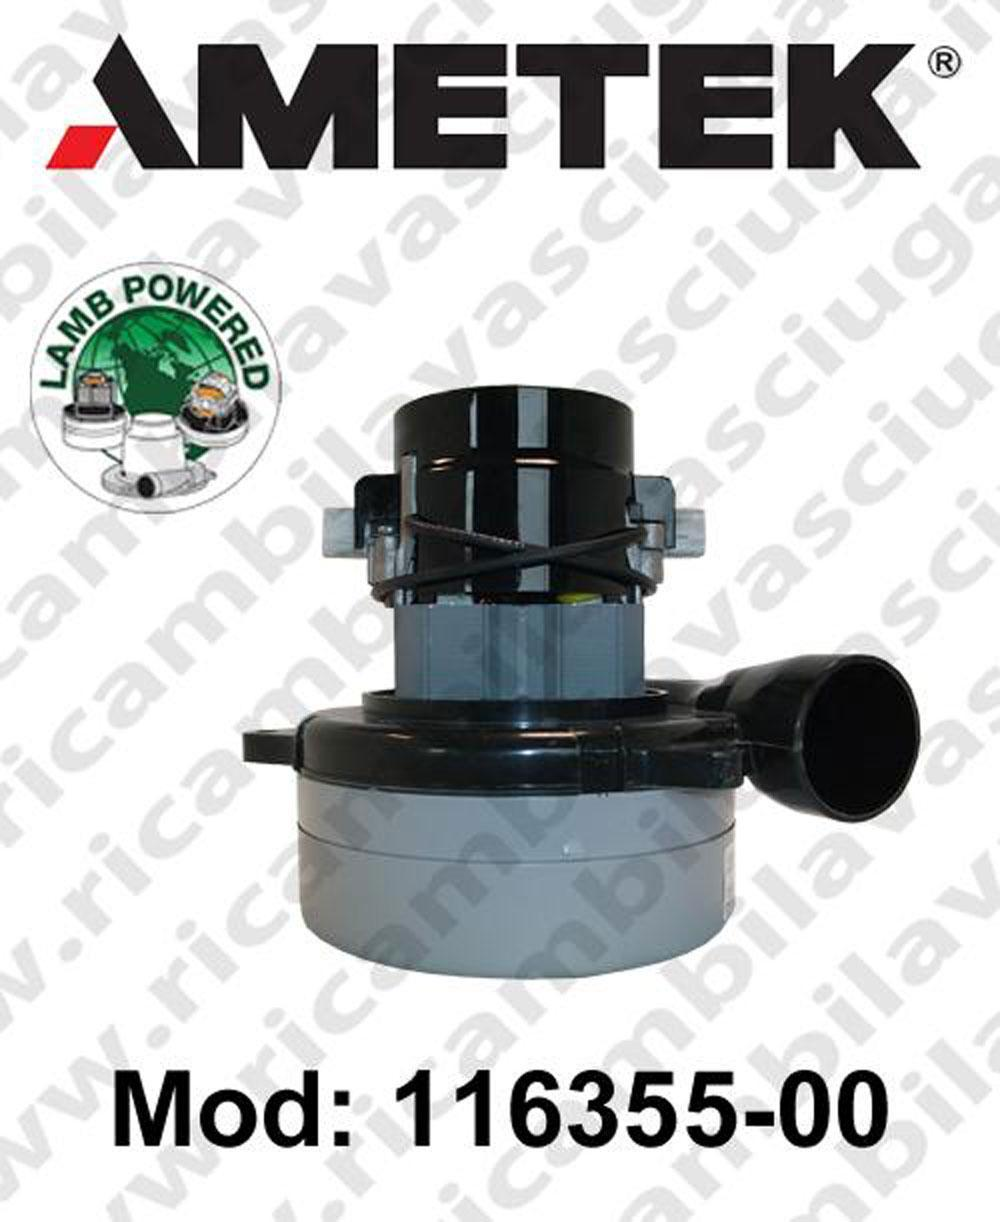 MOTEUR ASPIRATION 116355-00 LAMB AMETEK pour autolaveuses et aspirateur. valide pour reamplacer  IL 117275-07